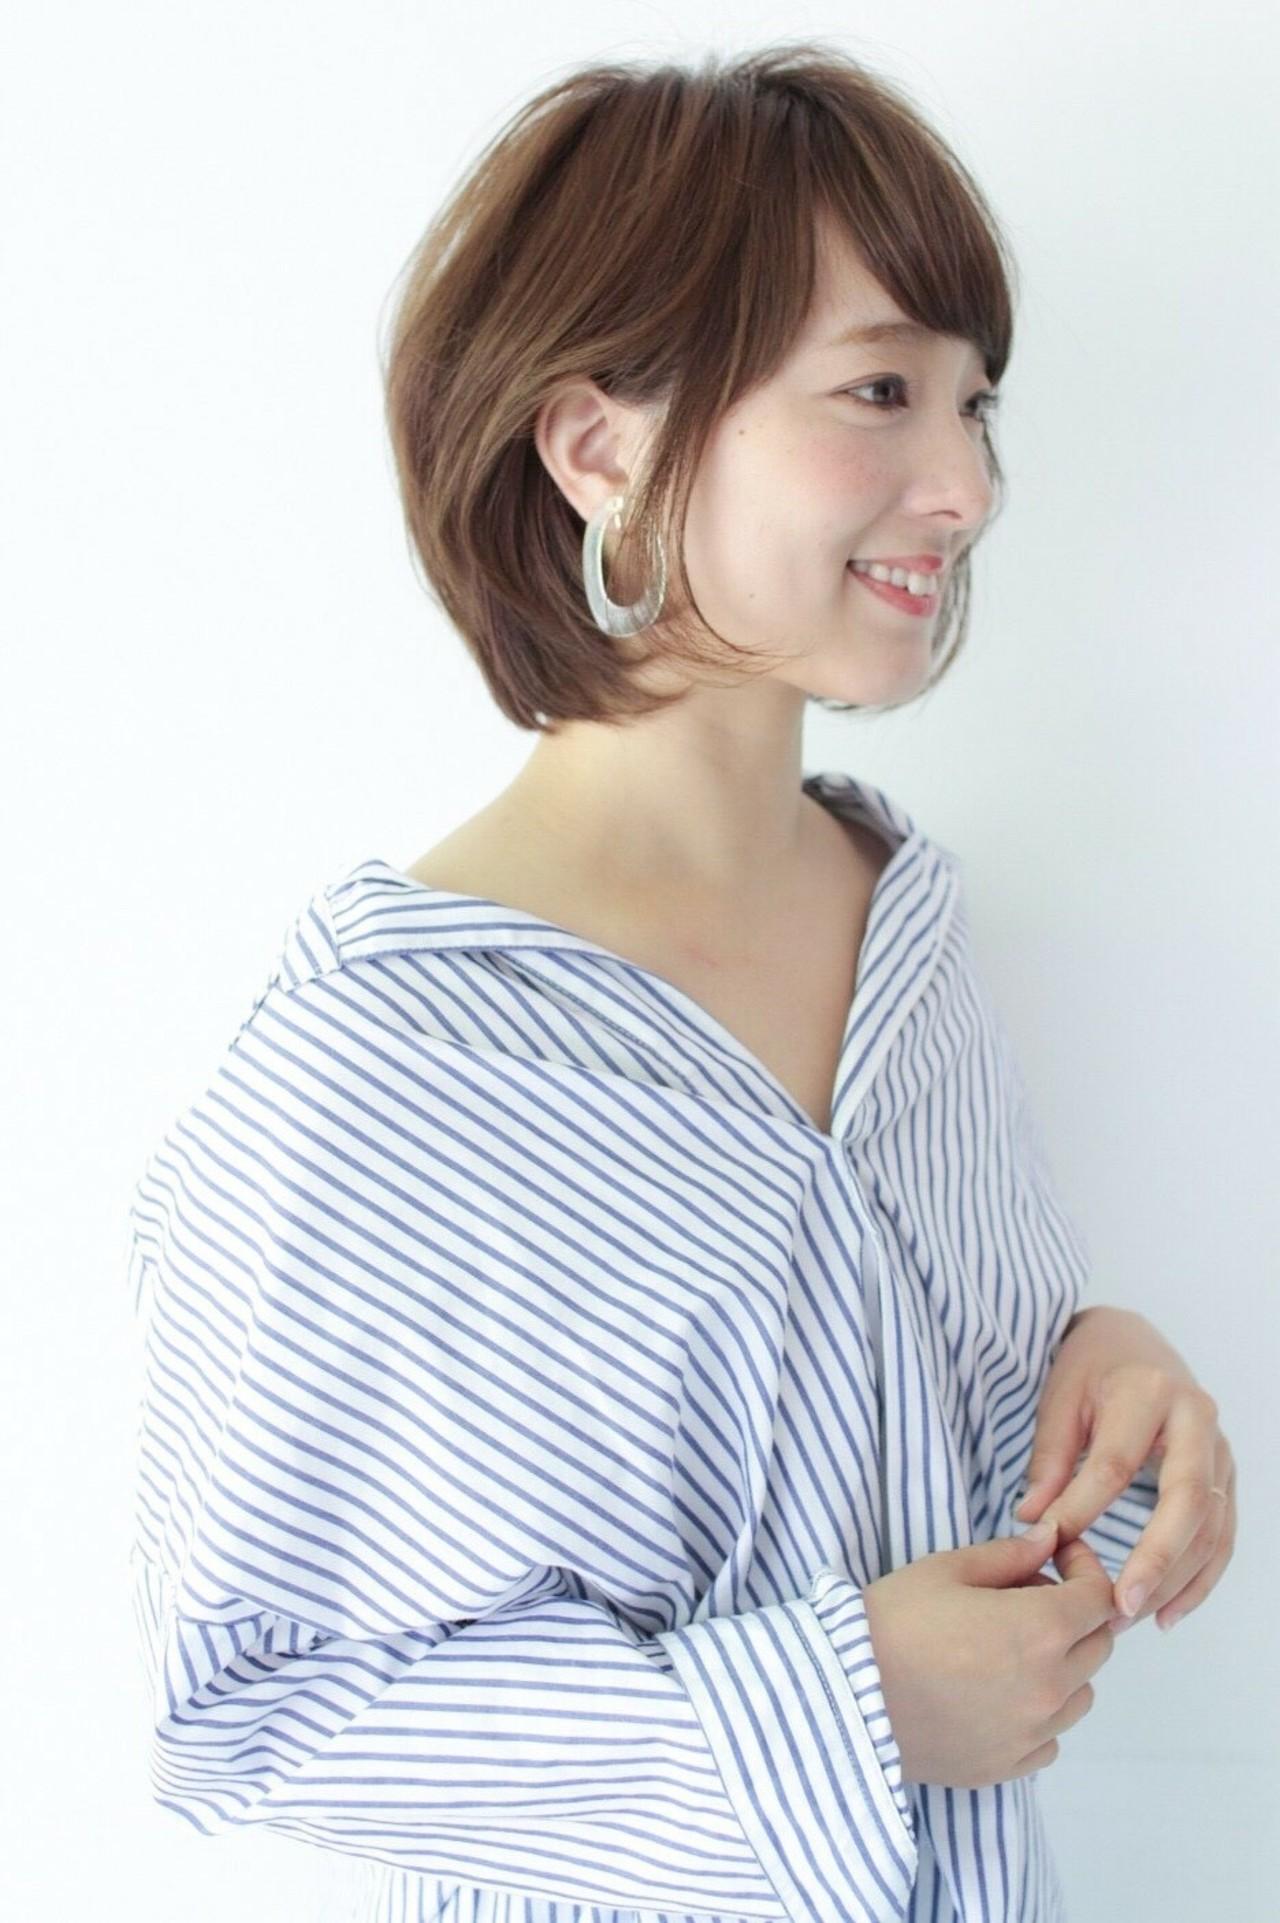 ワンカール 内巻き ショートボブ ボブ ヘアスタイルや髪型の写真・画像 | asuka /